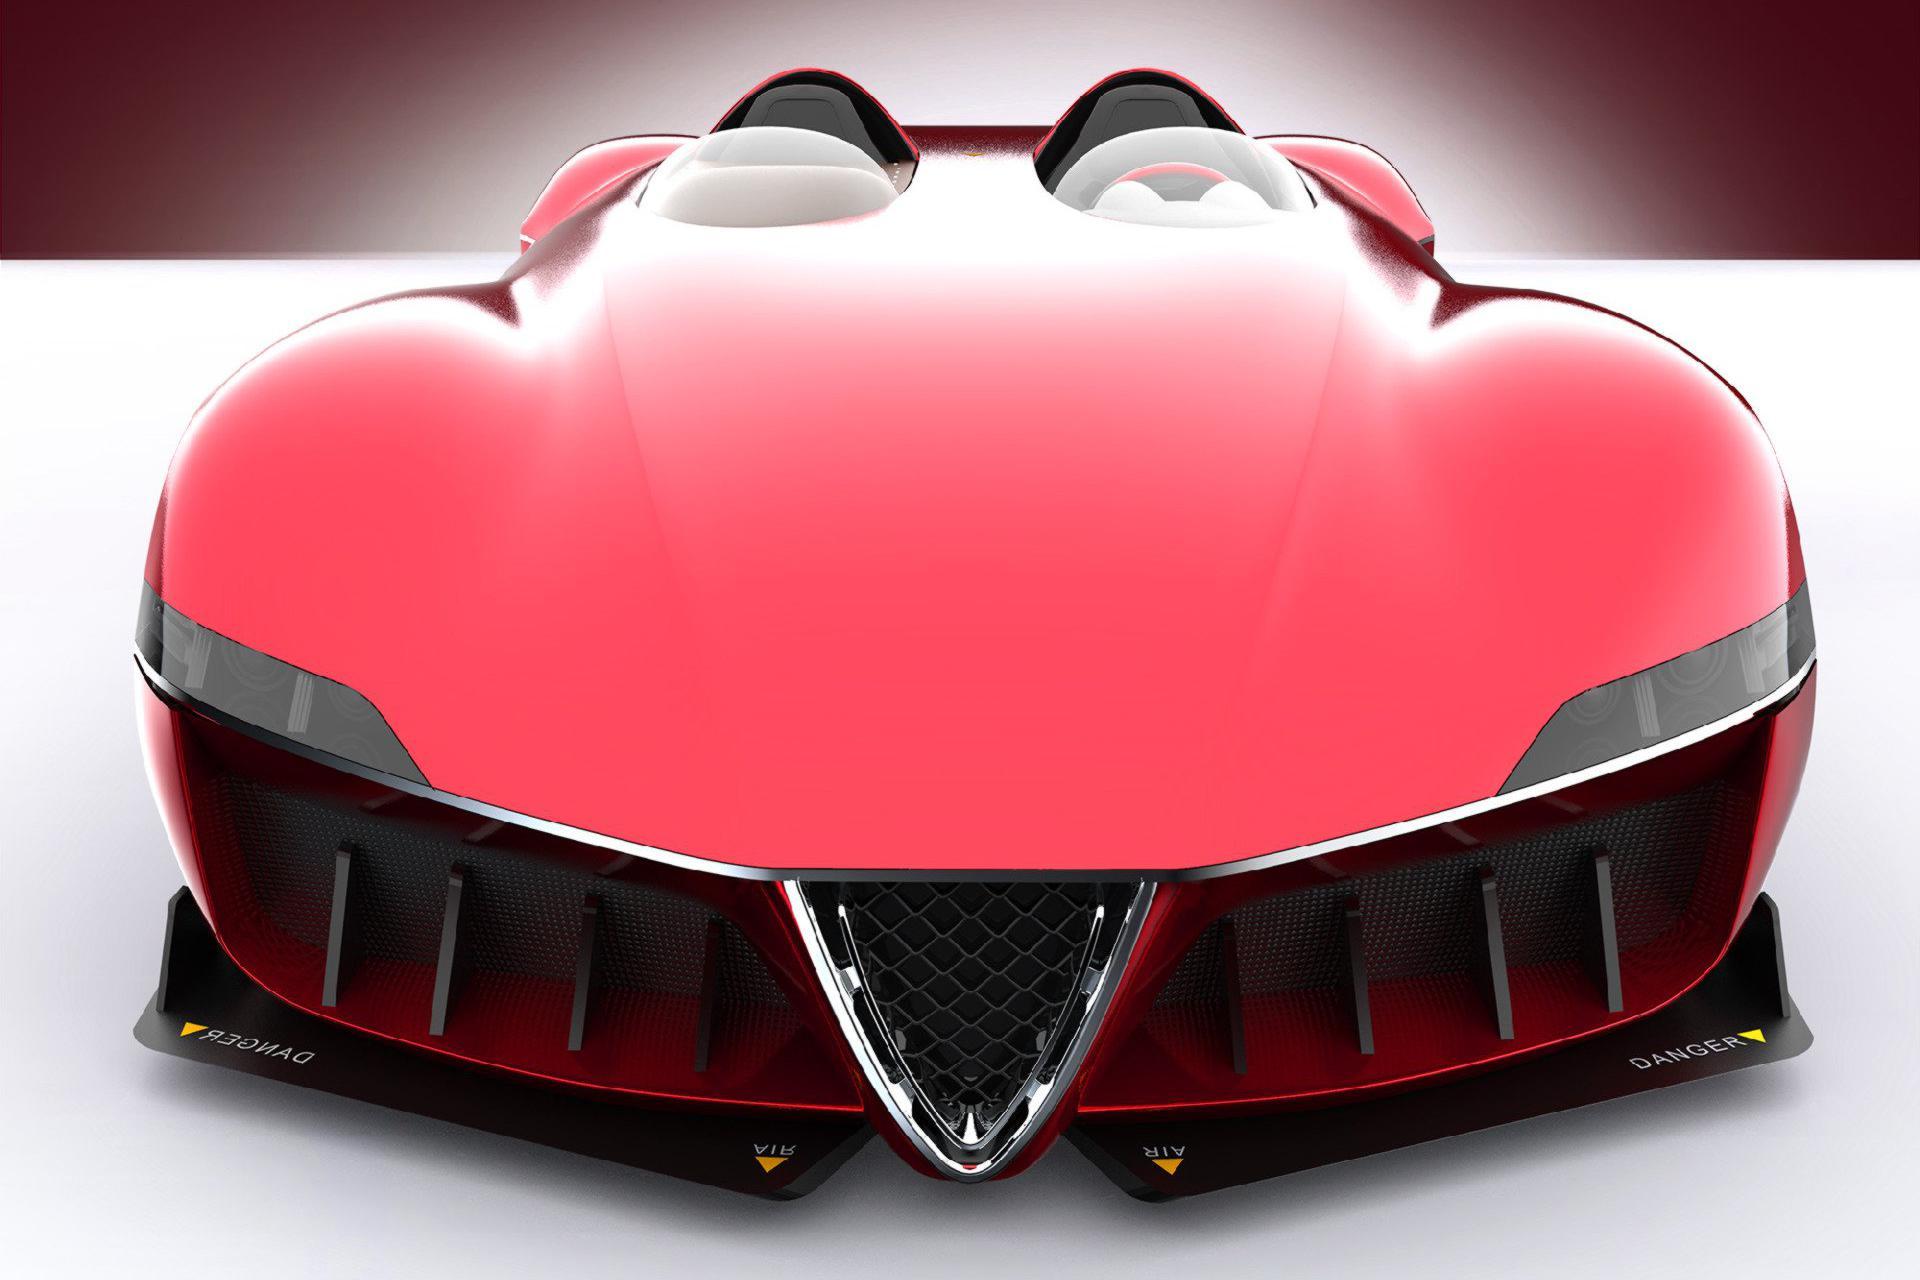 根据一级方程式赛车打造的阿尔法·罗密欧终极性能赛车设计图!